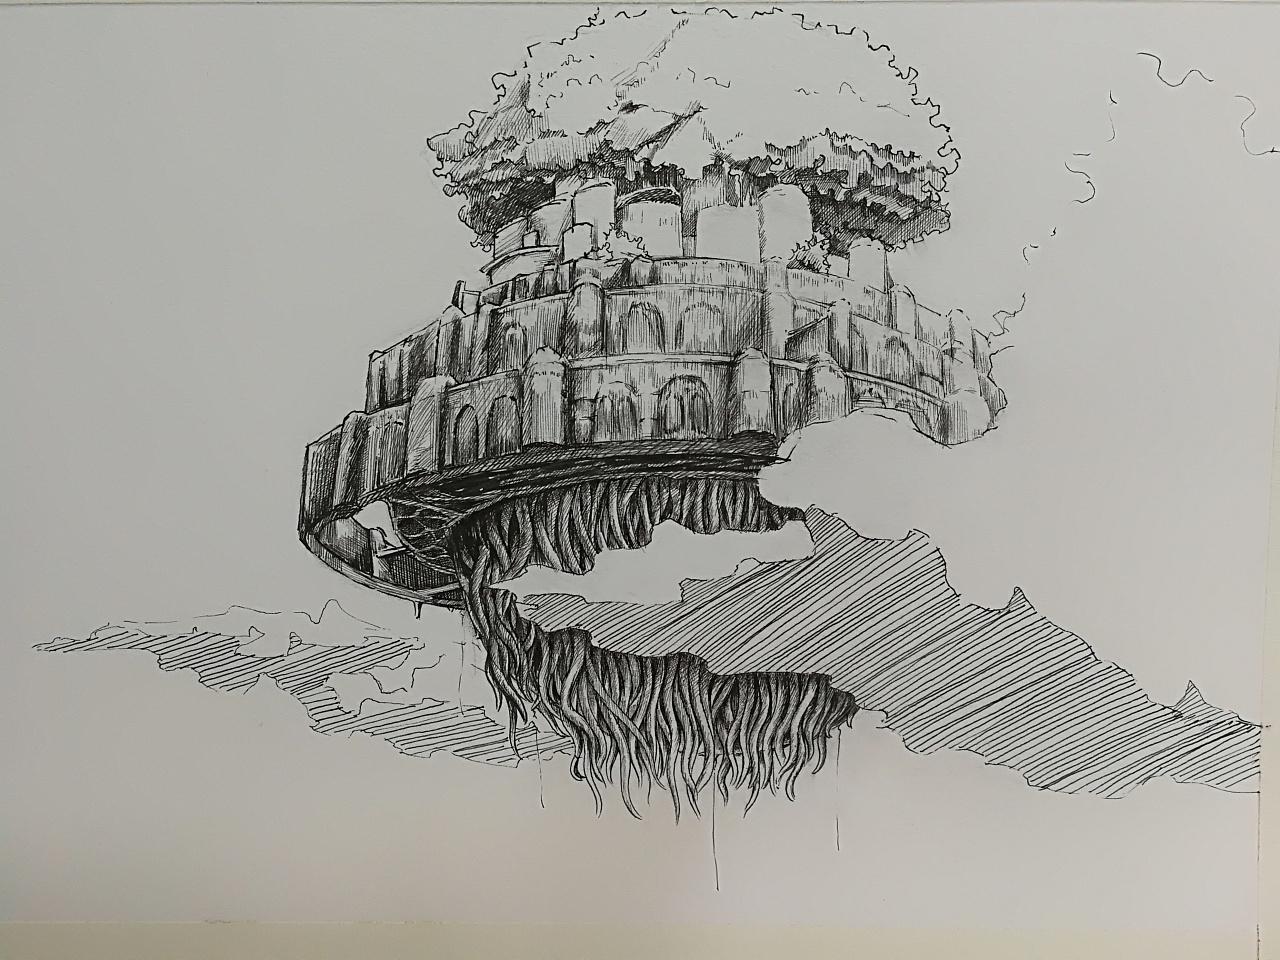 天空之城钢笔手绘